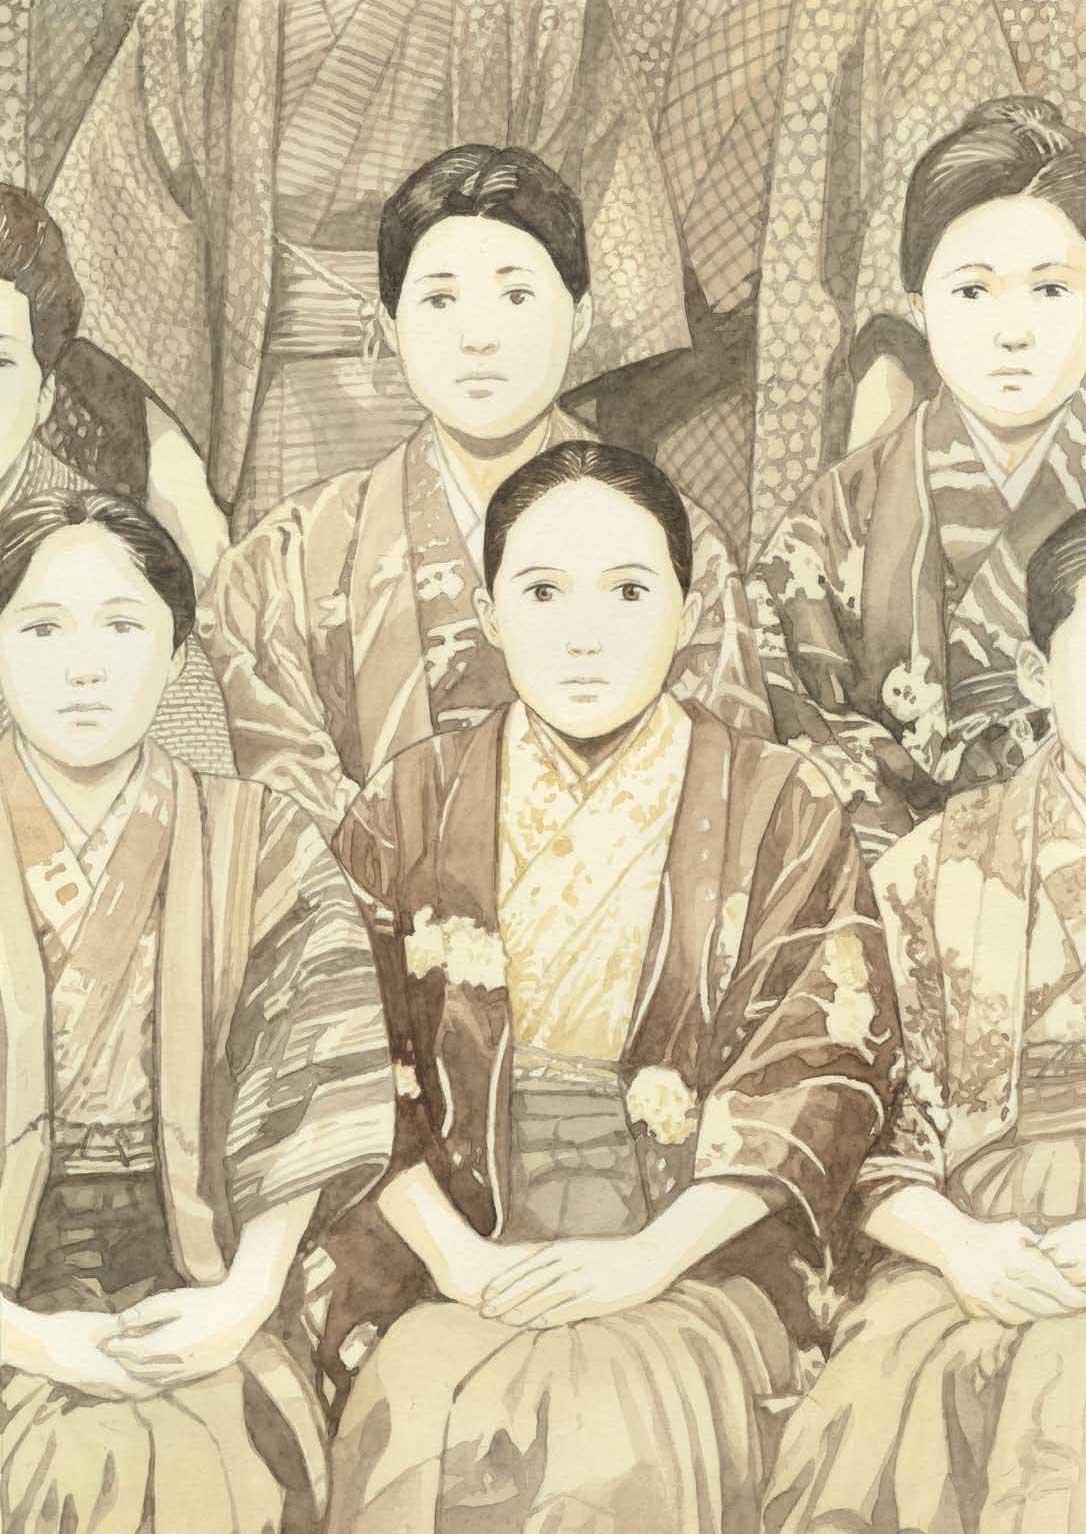 Ilustración de 'Tomoji', de Jiro Taniguchi